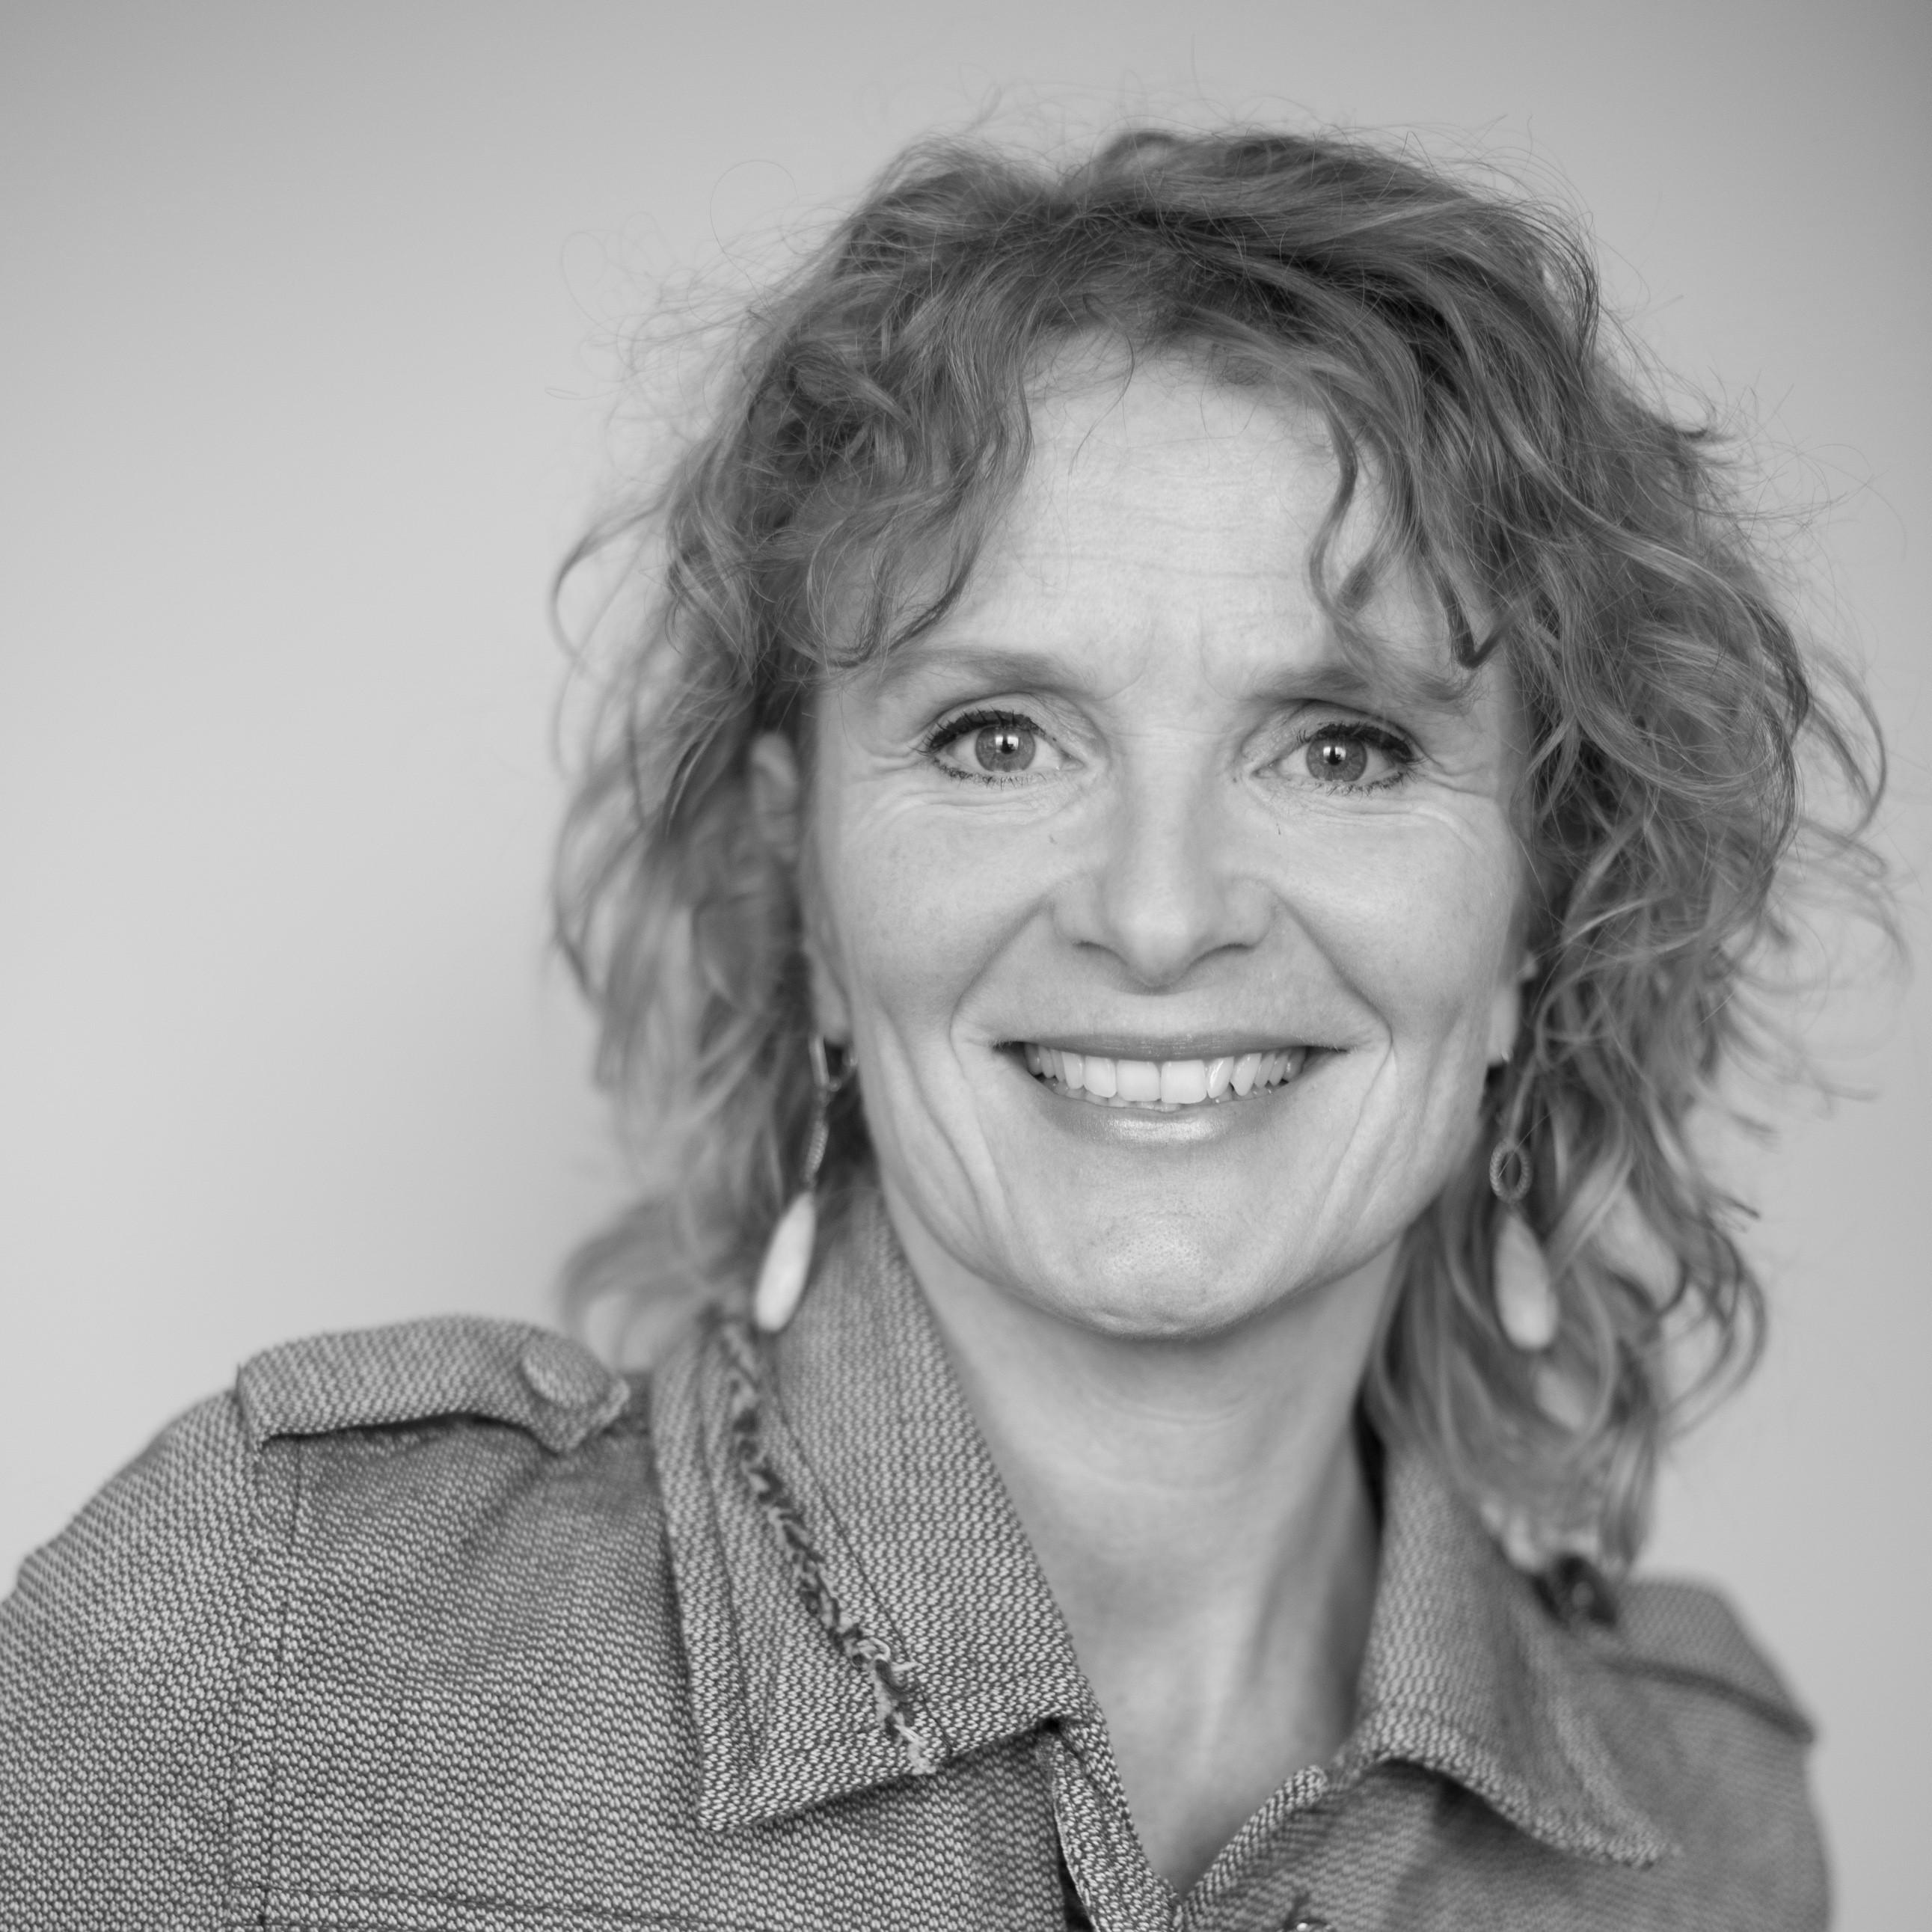 Juliette Bos